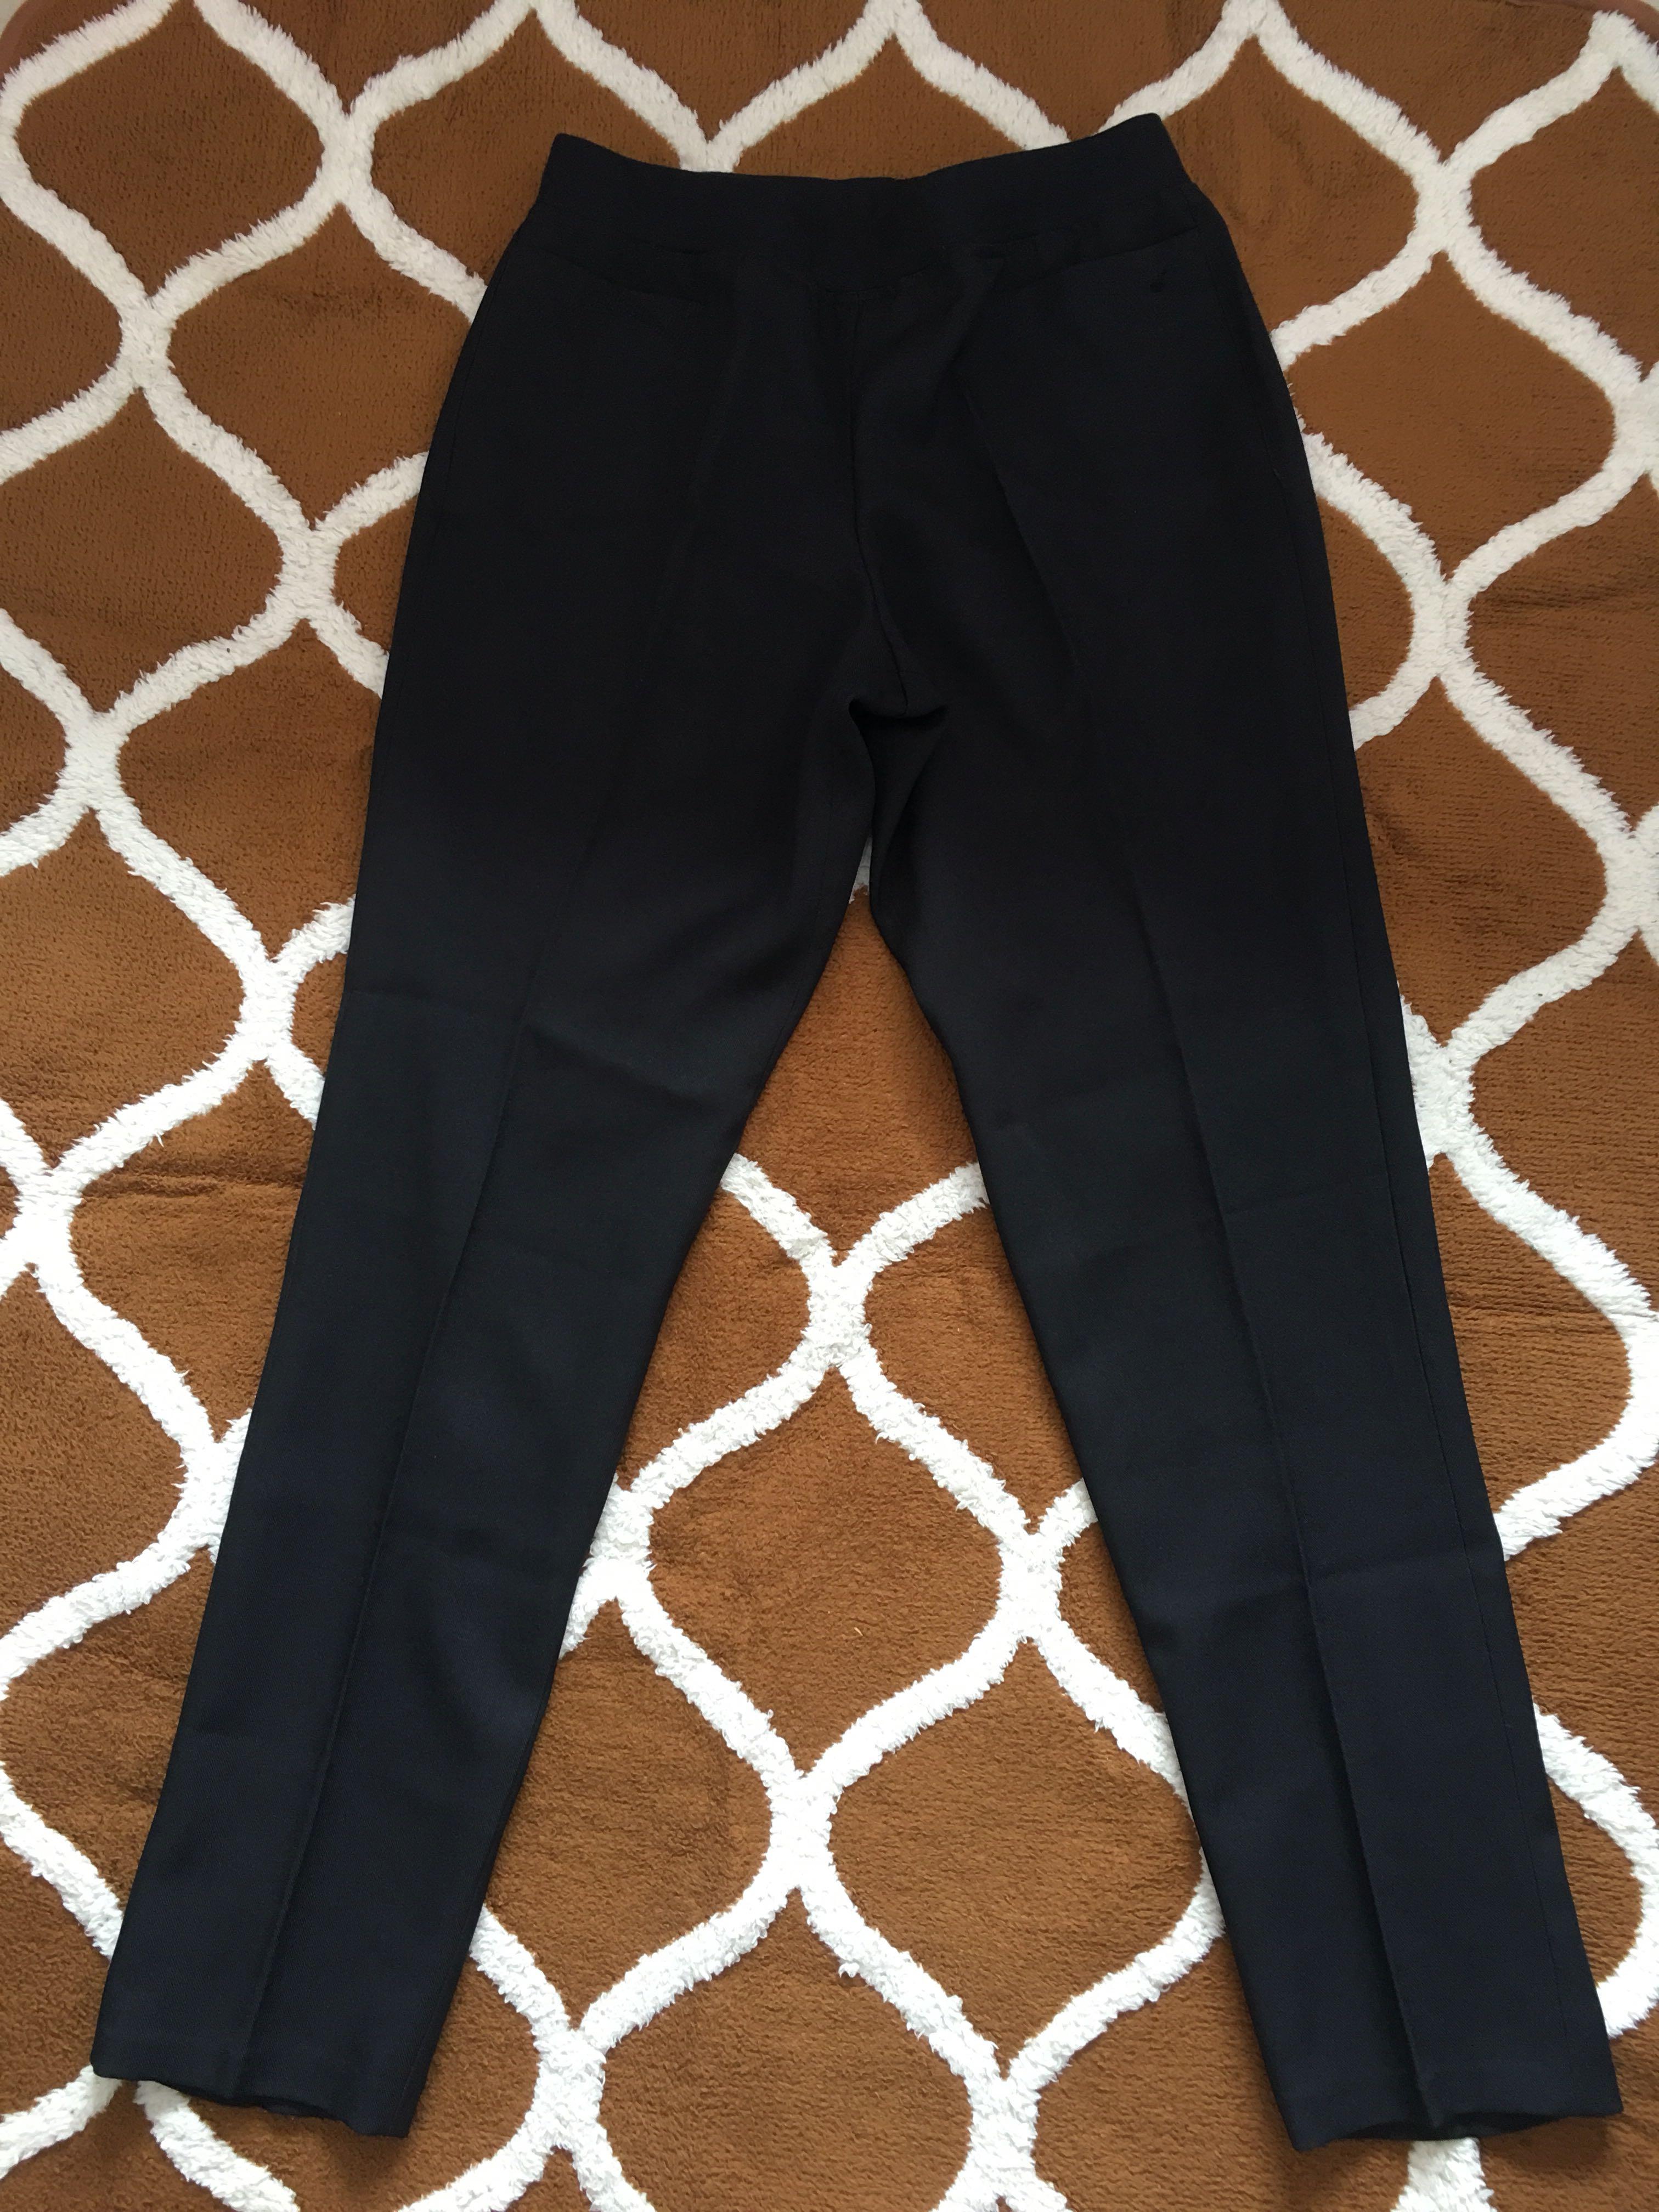 Pencil Skinny Pants